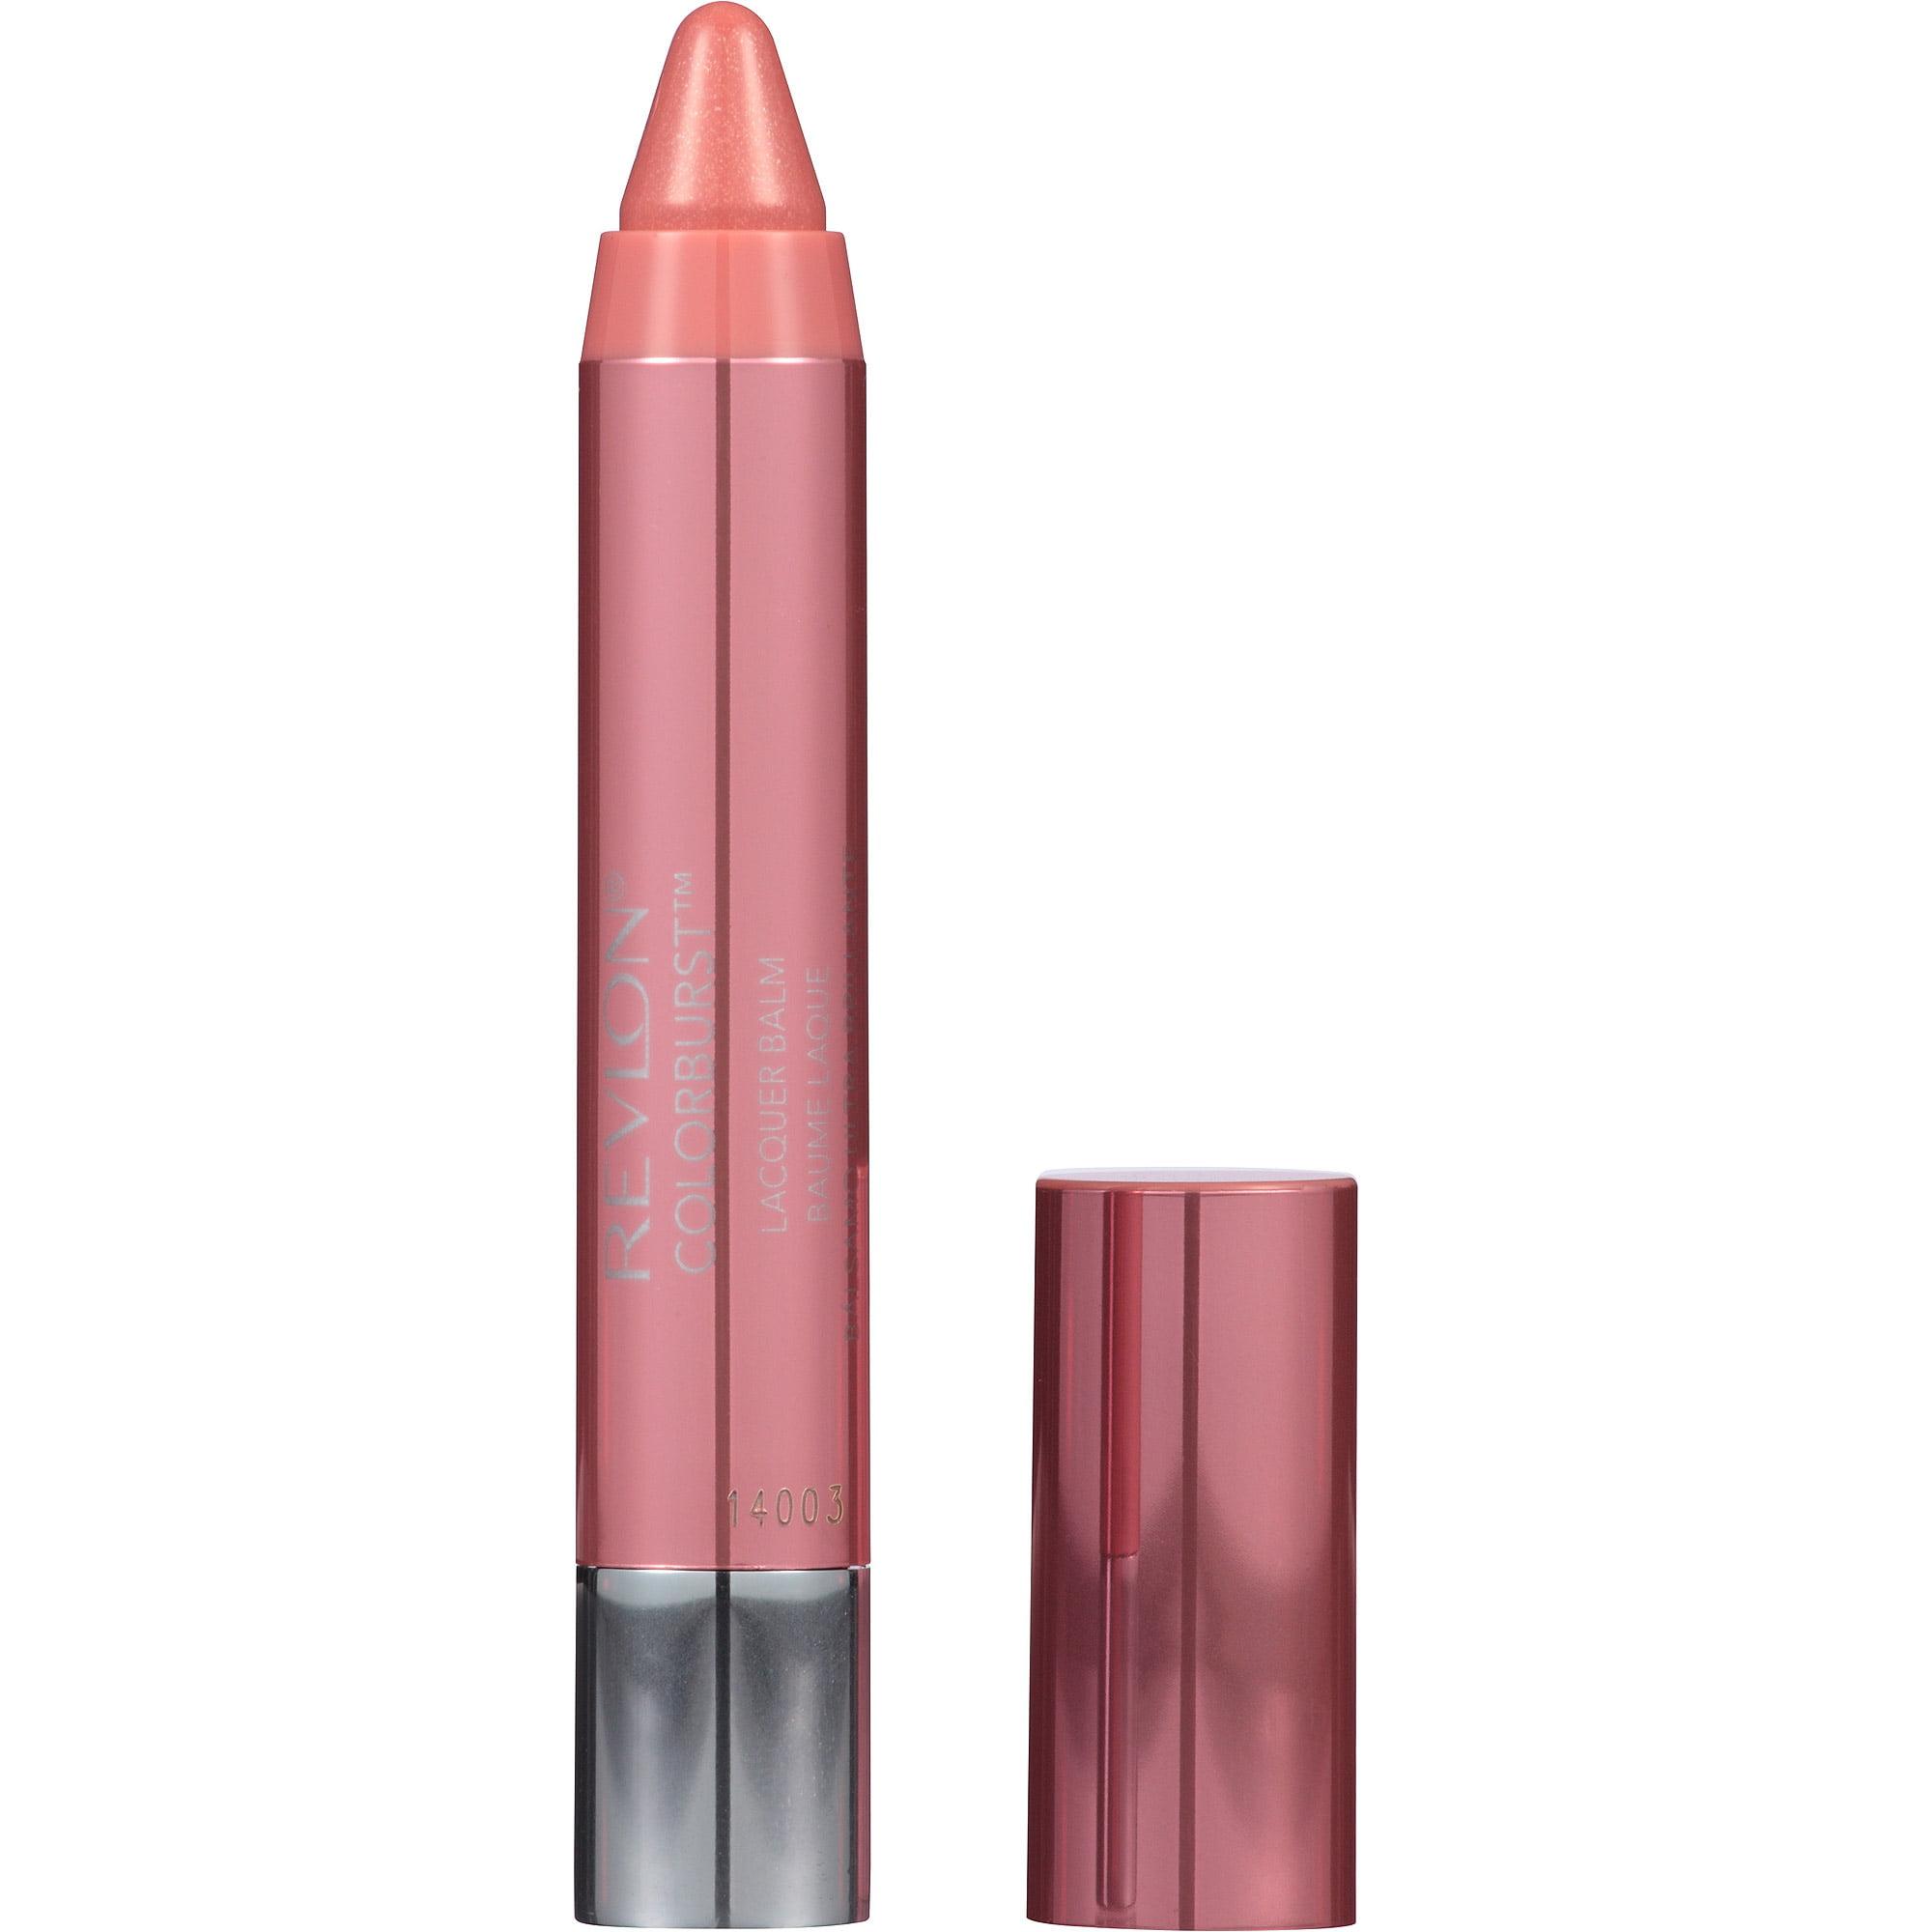 Maquillaje Para Labios Bálsamo labial de Revlon ColorBurst laca, 105 oz 0,095 recatada, + Revlon en Veo y Compro